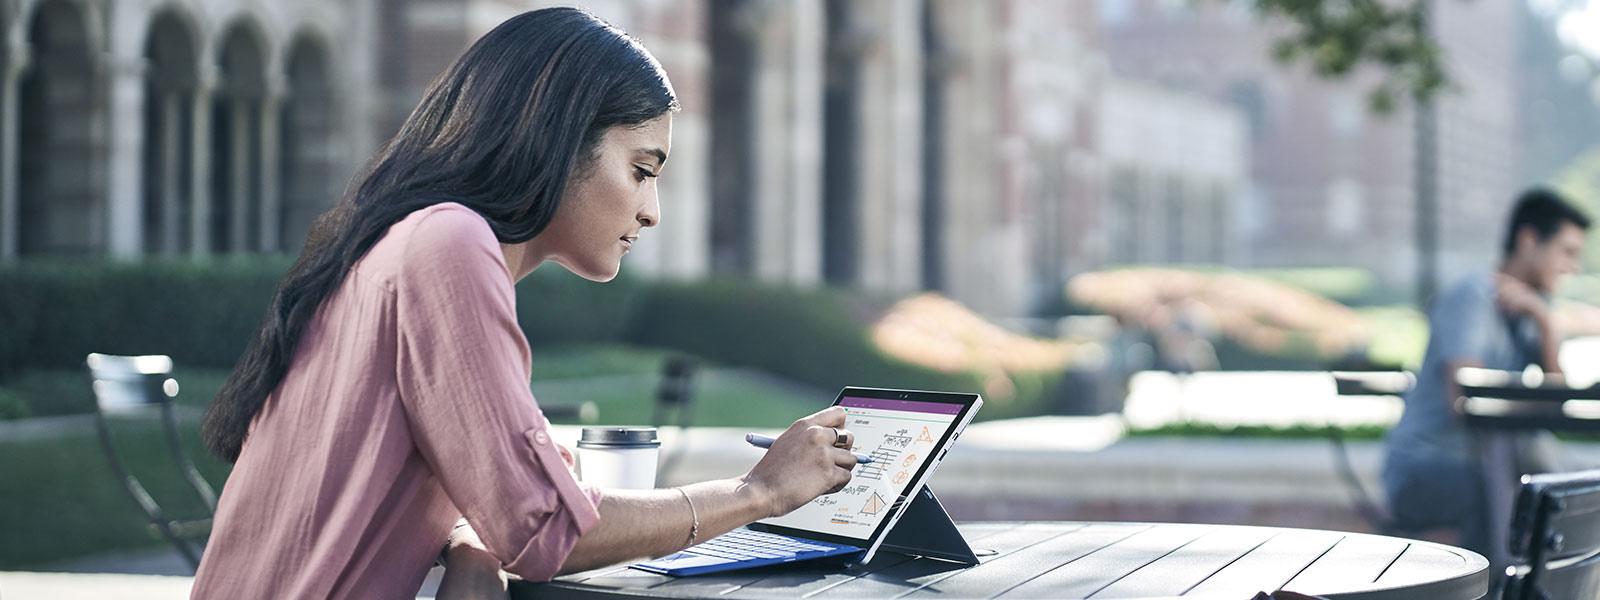 Surface 펜으로 Surface Pro에 그림을 그리는 여성